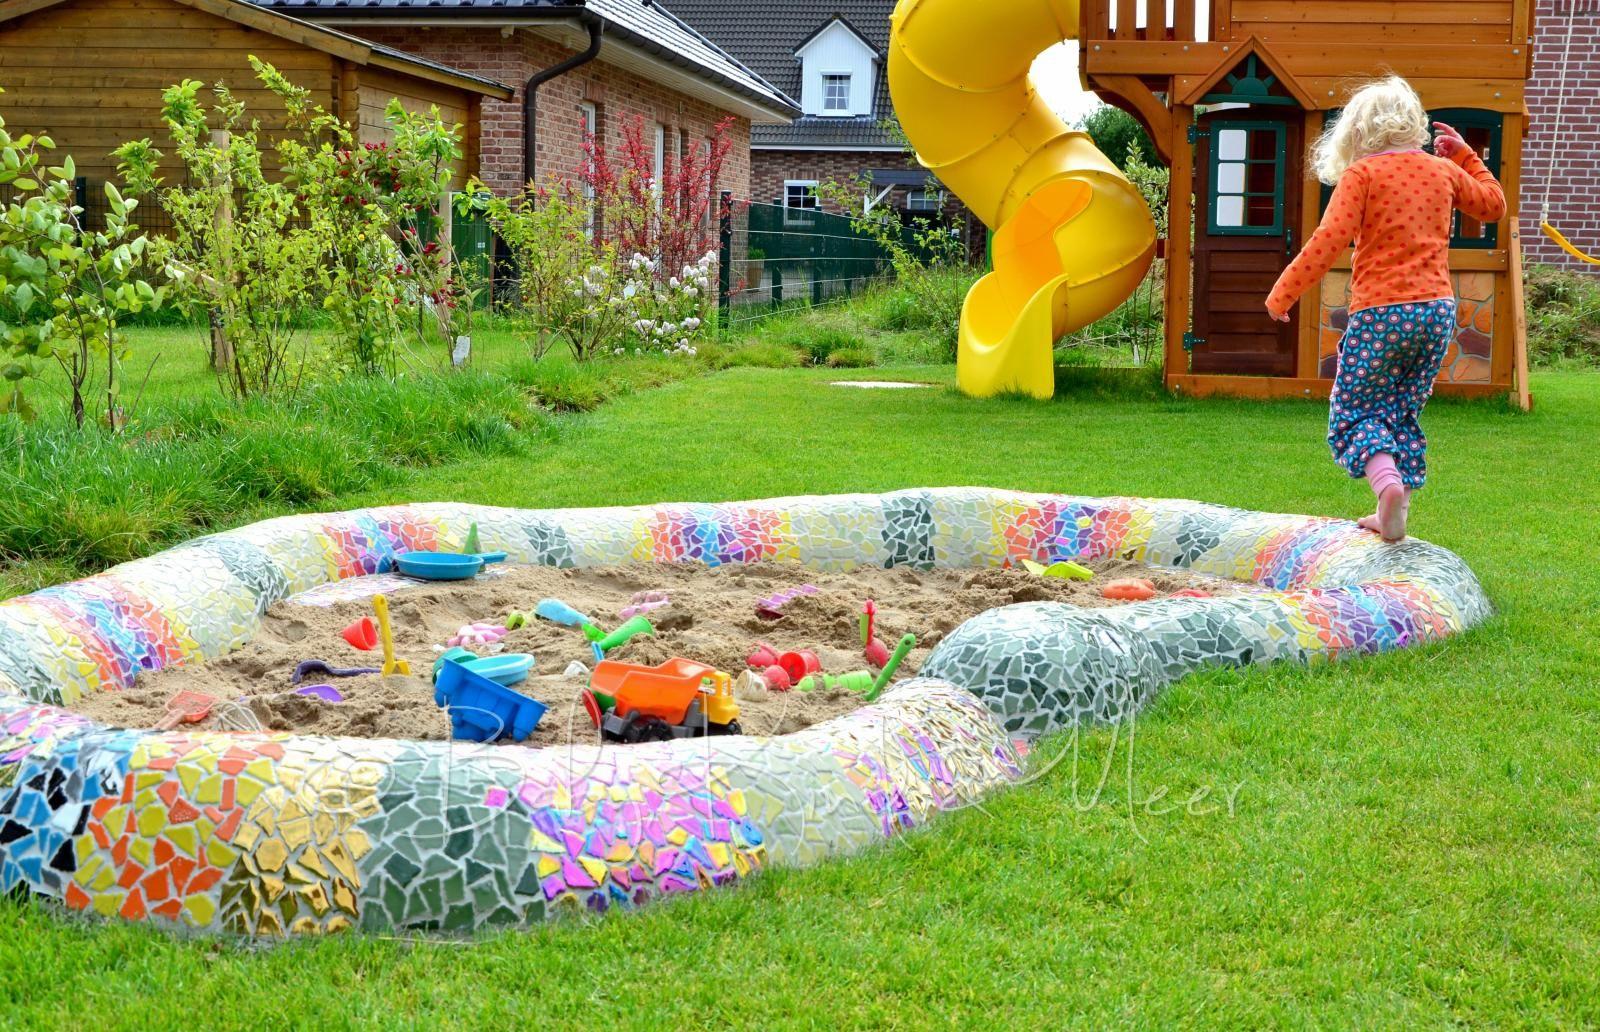 Eine Mosaik Schlange Als Sandkasten Do It Yourself Hausbau Garten Inspirationen Baby Kind Und Meer Kleiner Garten Sandkasten Mosaik